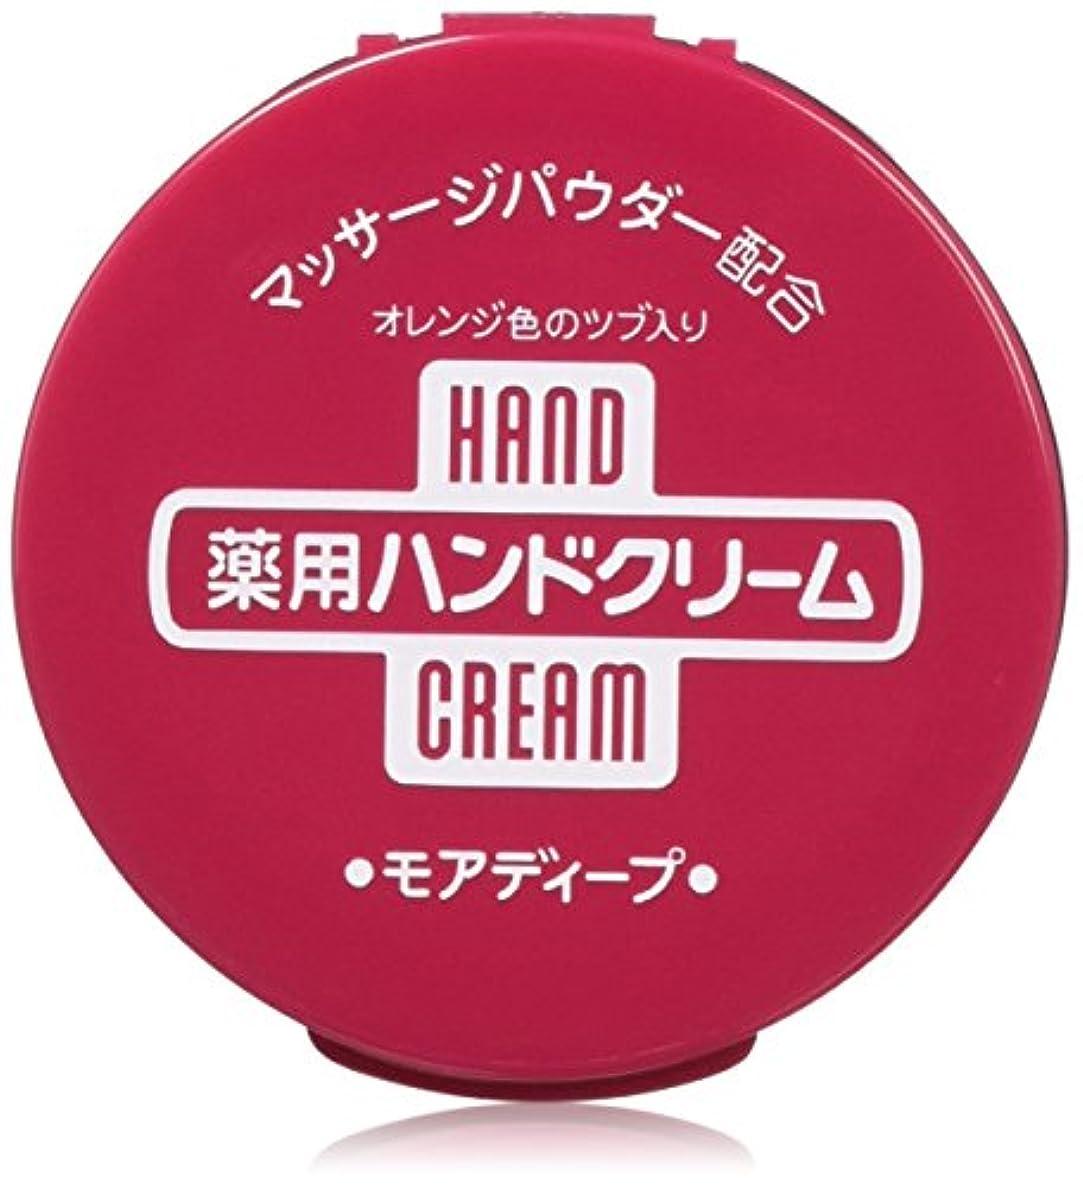 先祖太陽ビリー【まとめ買い】薬用ハンドクリーム モアディープ 100g×12個